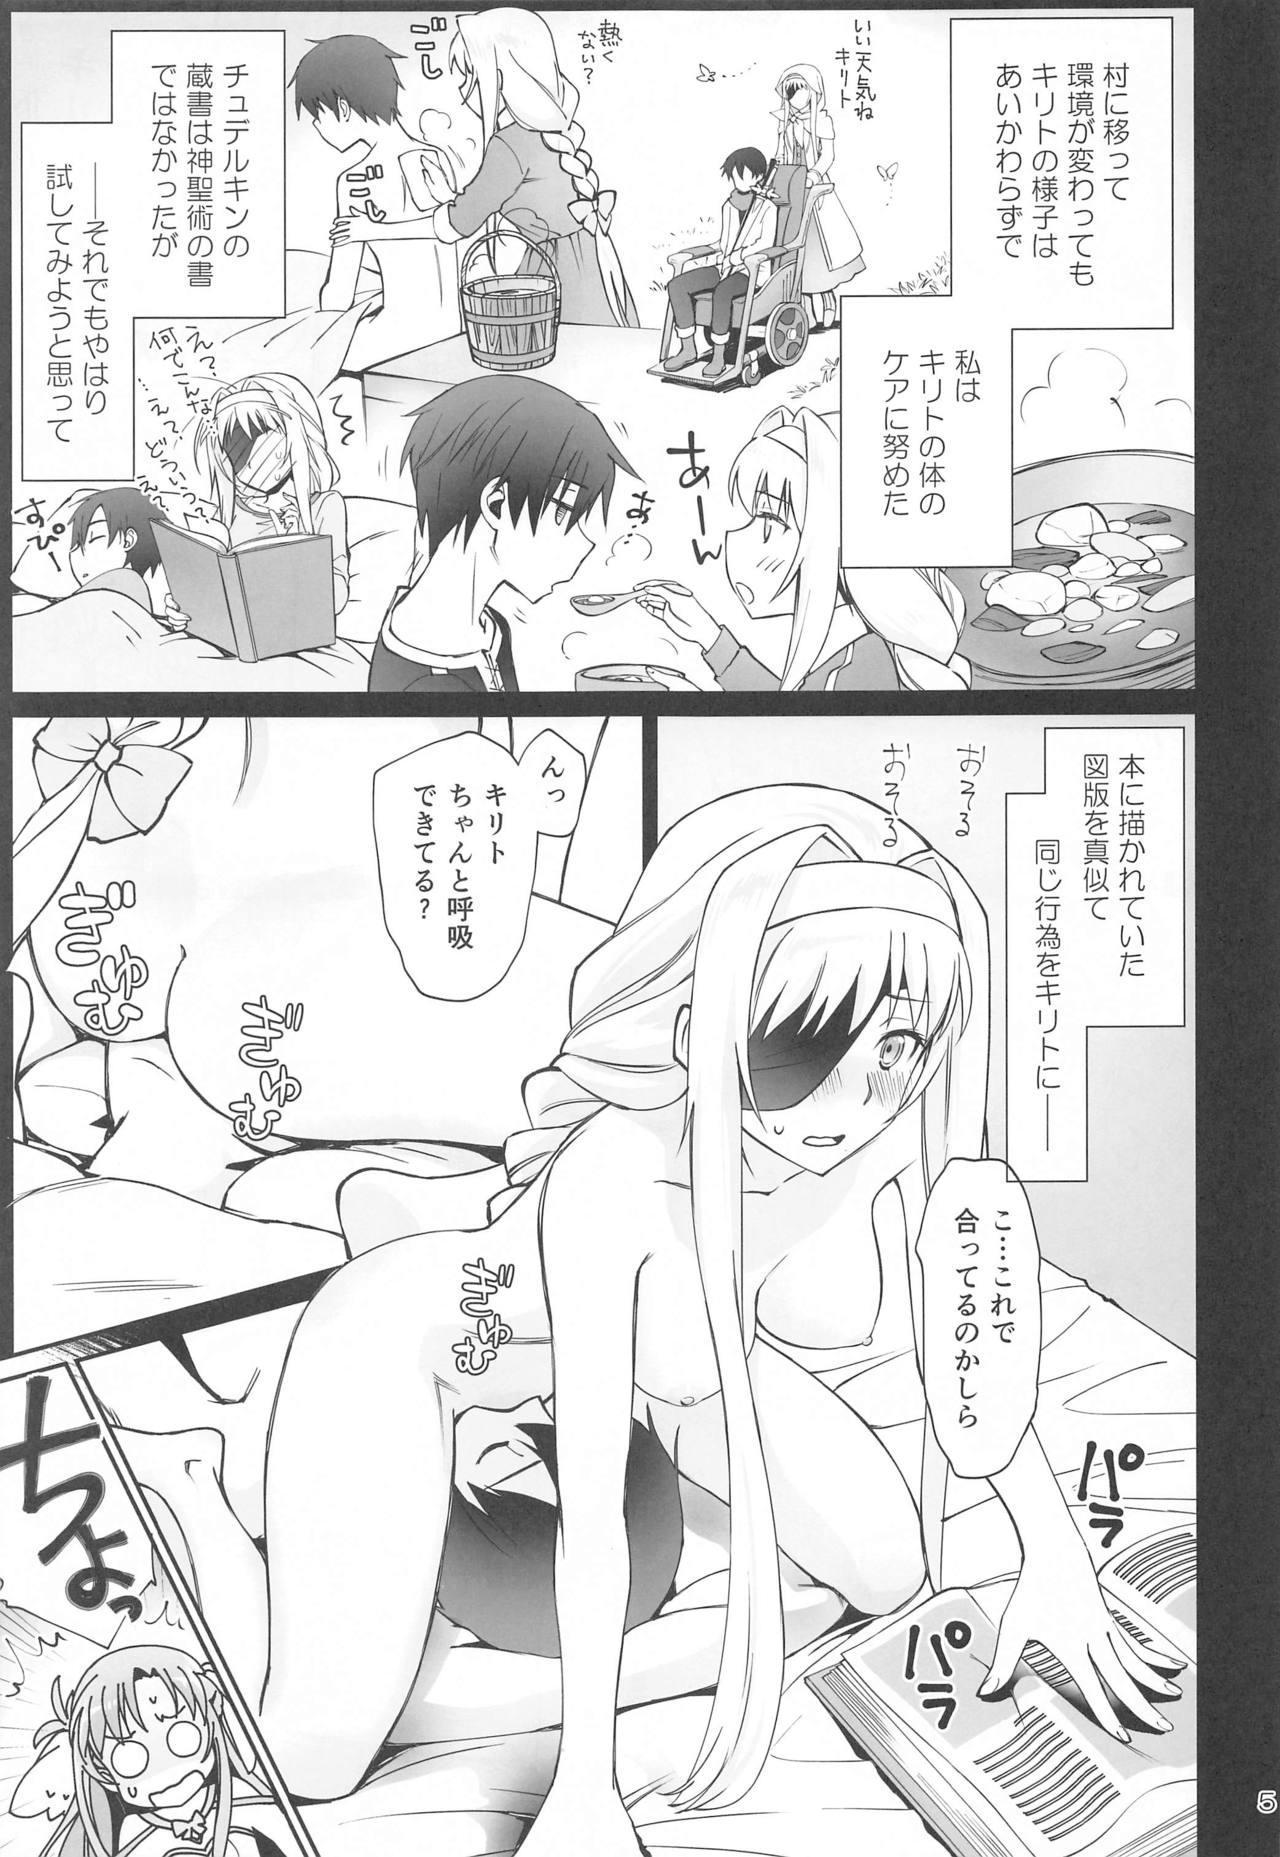 Tent no Ouji-sama 3